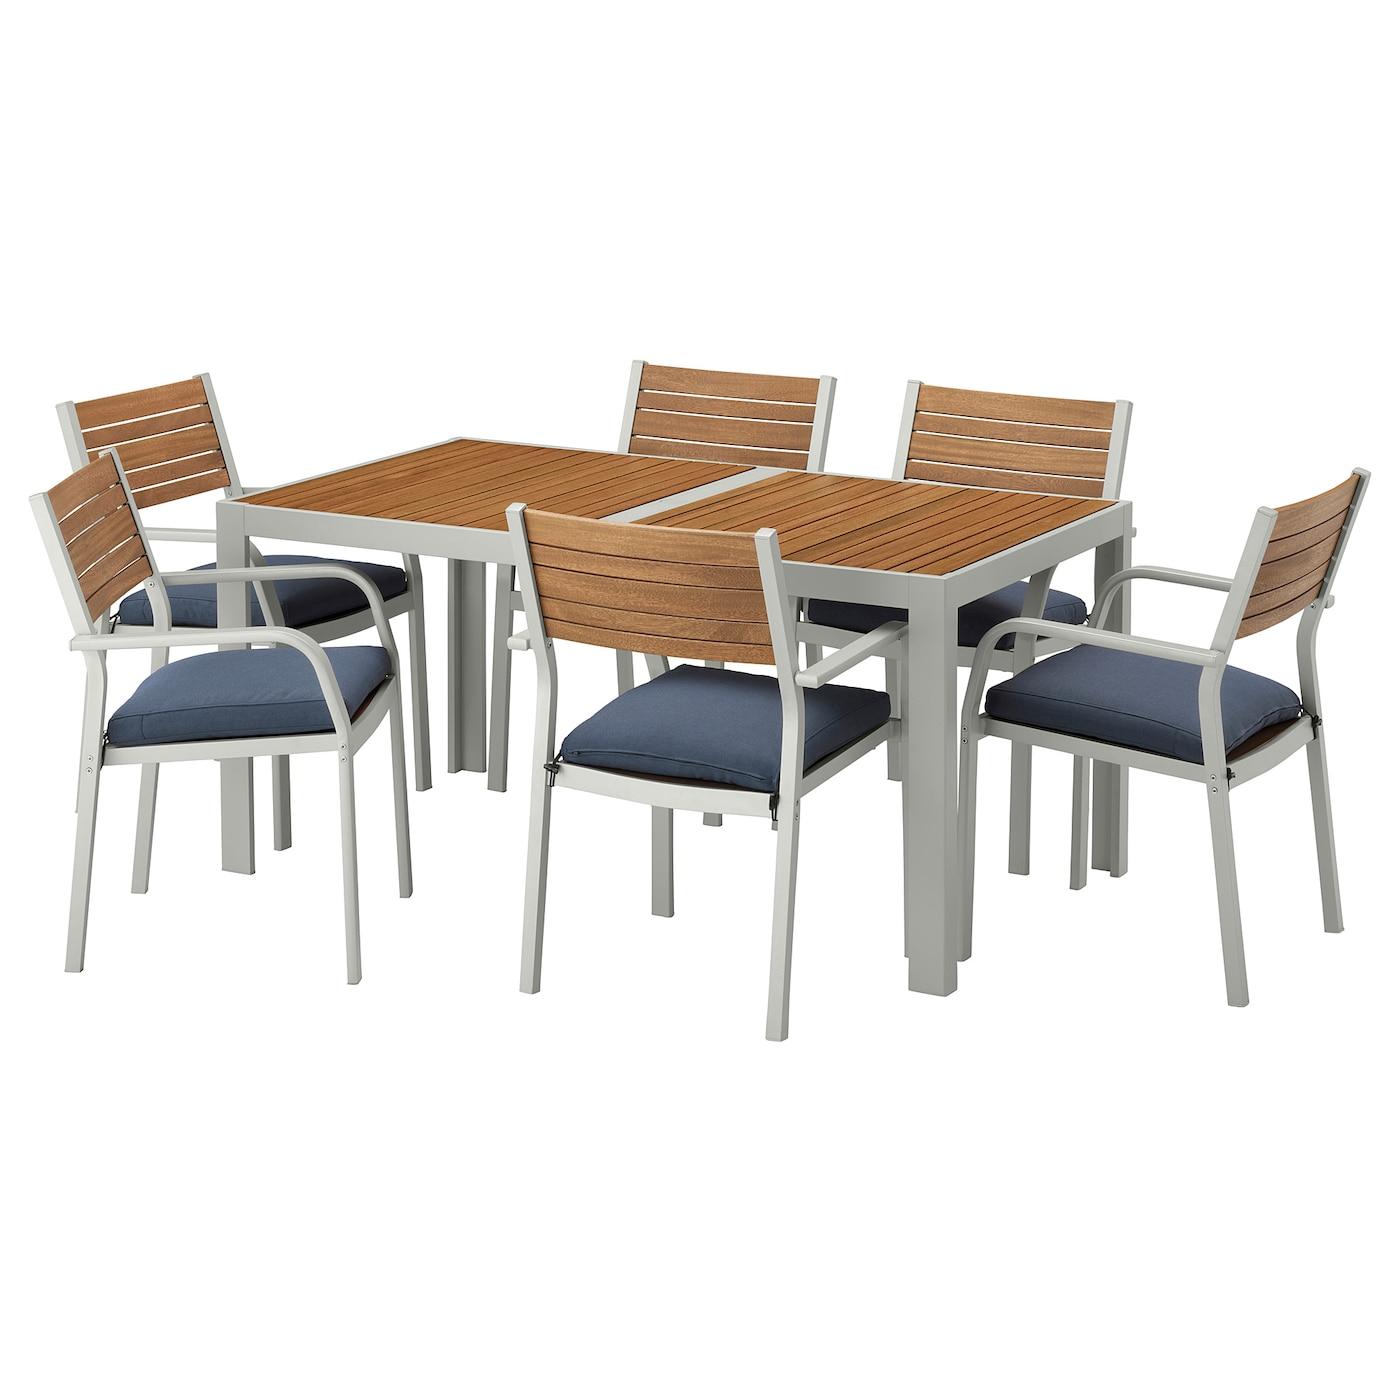 SJÄLLAND, Tisch+6 Armlehnstühle/außen, hellbraun, blau 792.665.44